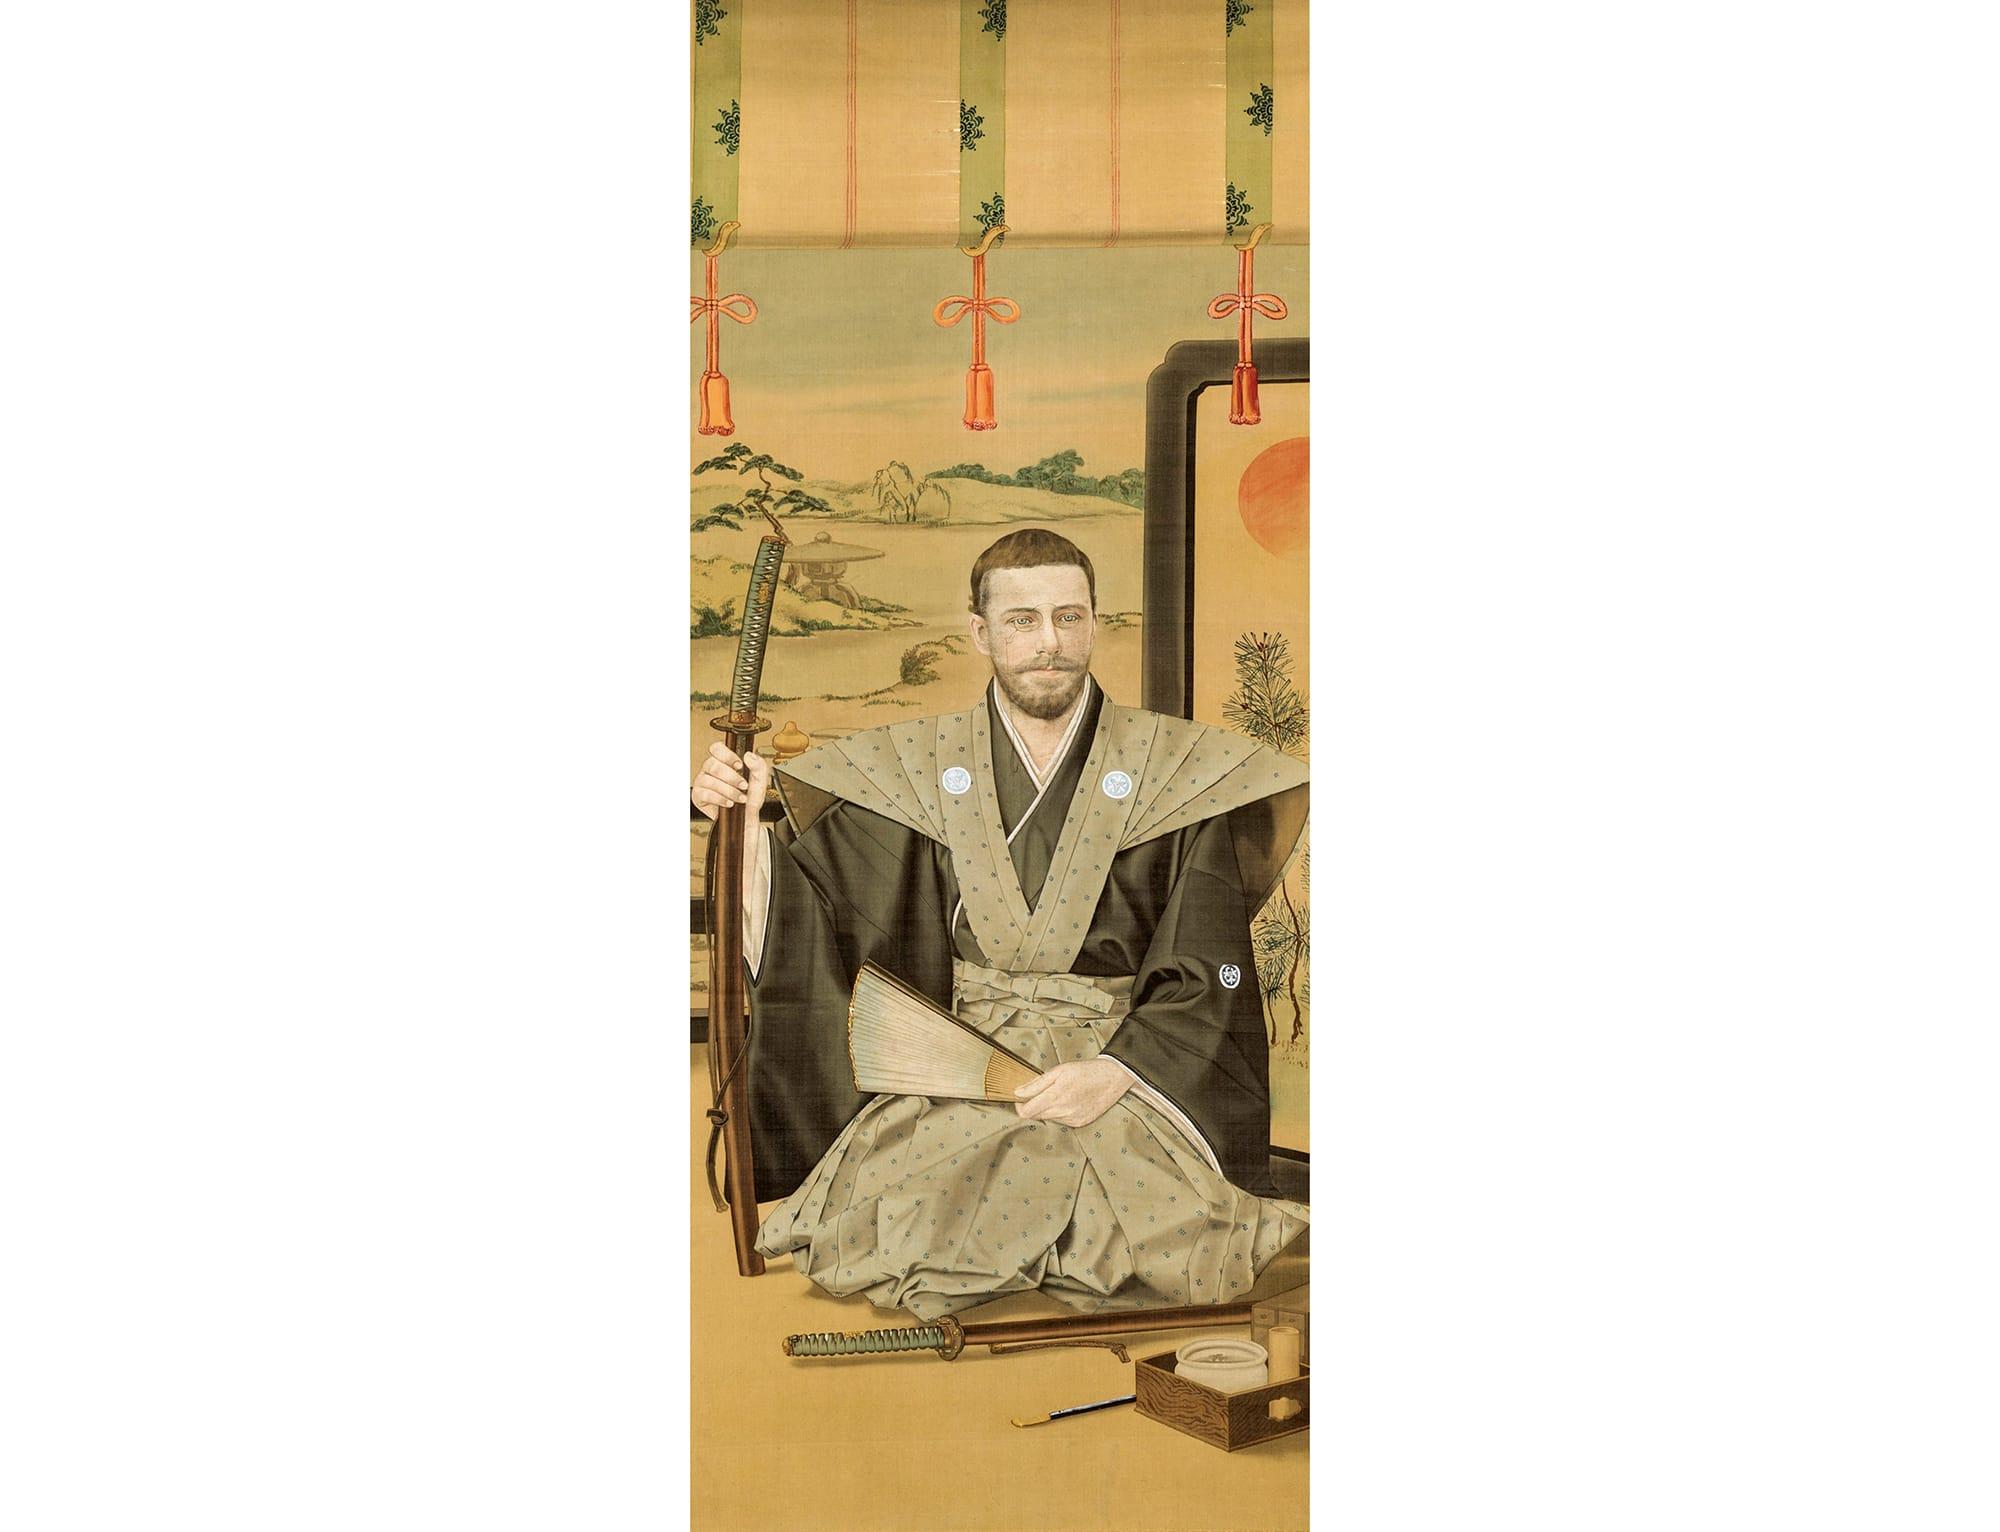 バルディ伯爵肖像 明治22年(1889) ベニス東洋美術館蔵 裃や甲冑姿の定型化した絵画に、顔の部分を本人そっくりに書き込んだもの。当時、日本土産として人気を博した。サムライ文化の蒐集を積極的に行ったバルディならではの一品。